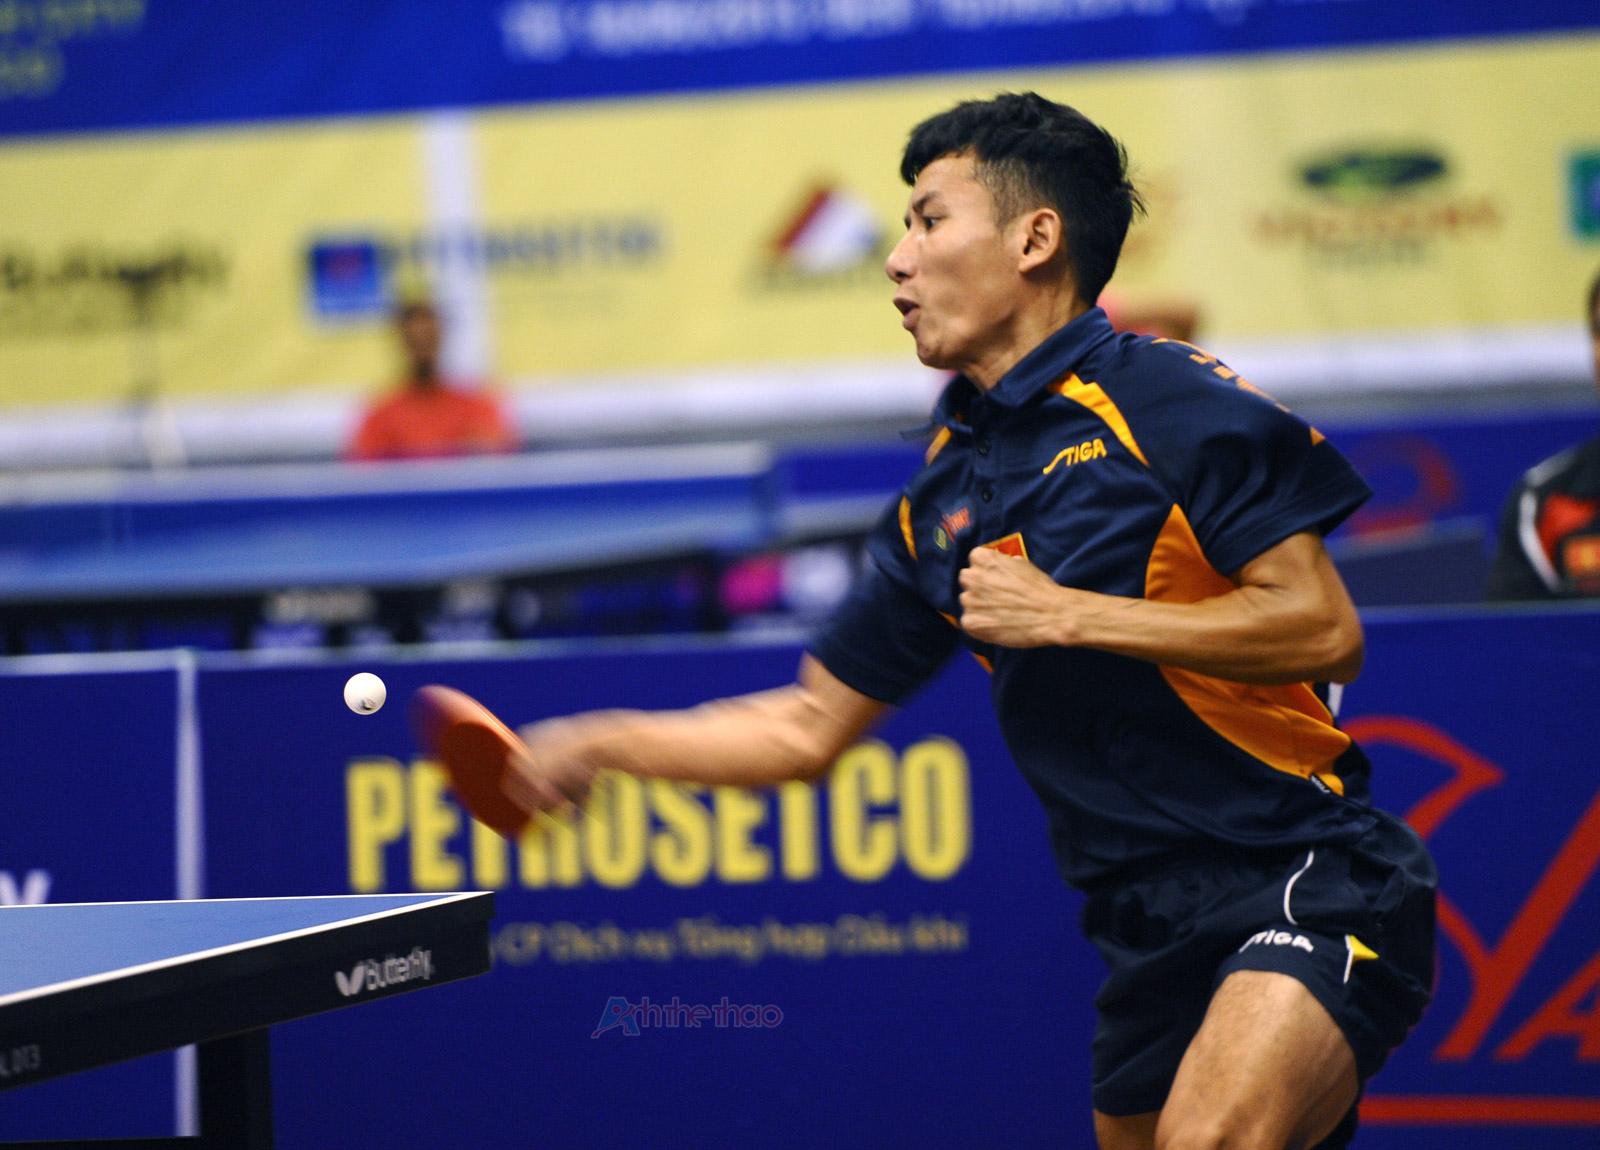 Màu xanh khá được ưa chuộng trong bóng bàn - Tay vợt Đinh Quang Linh Vietnam